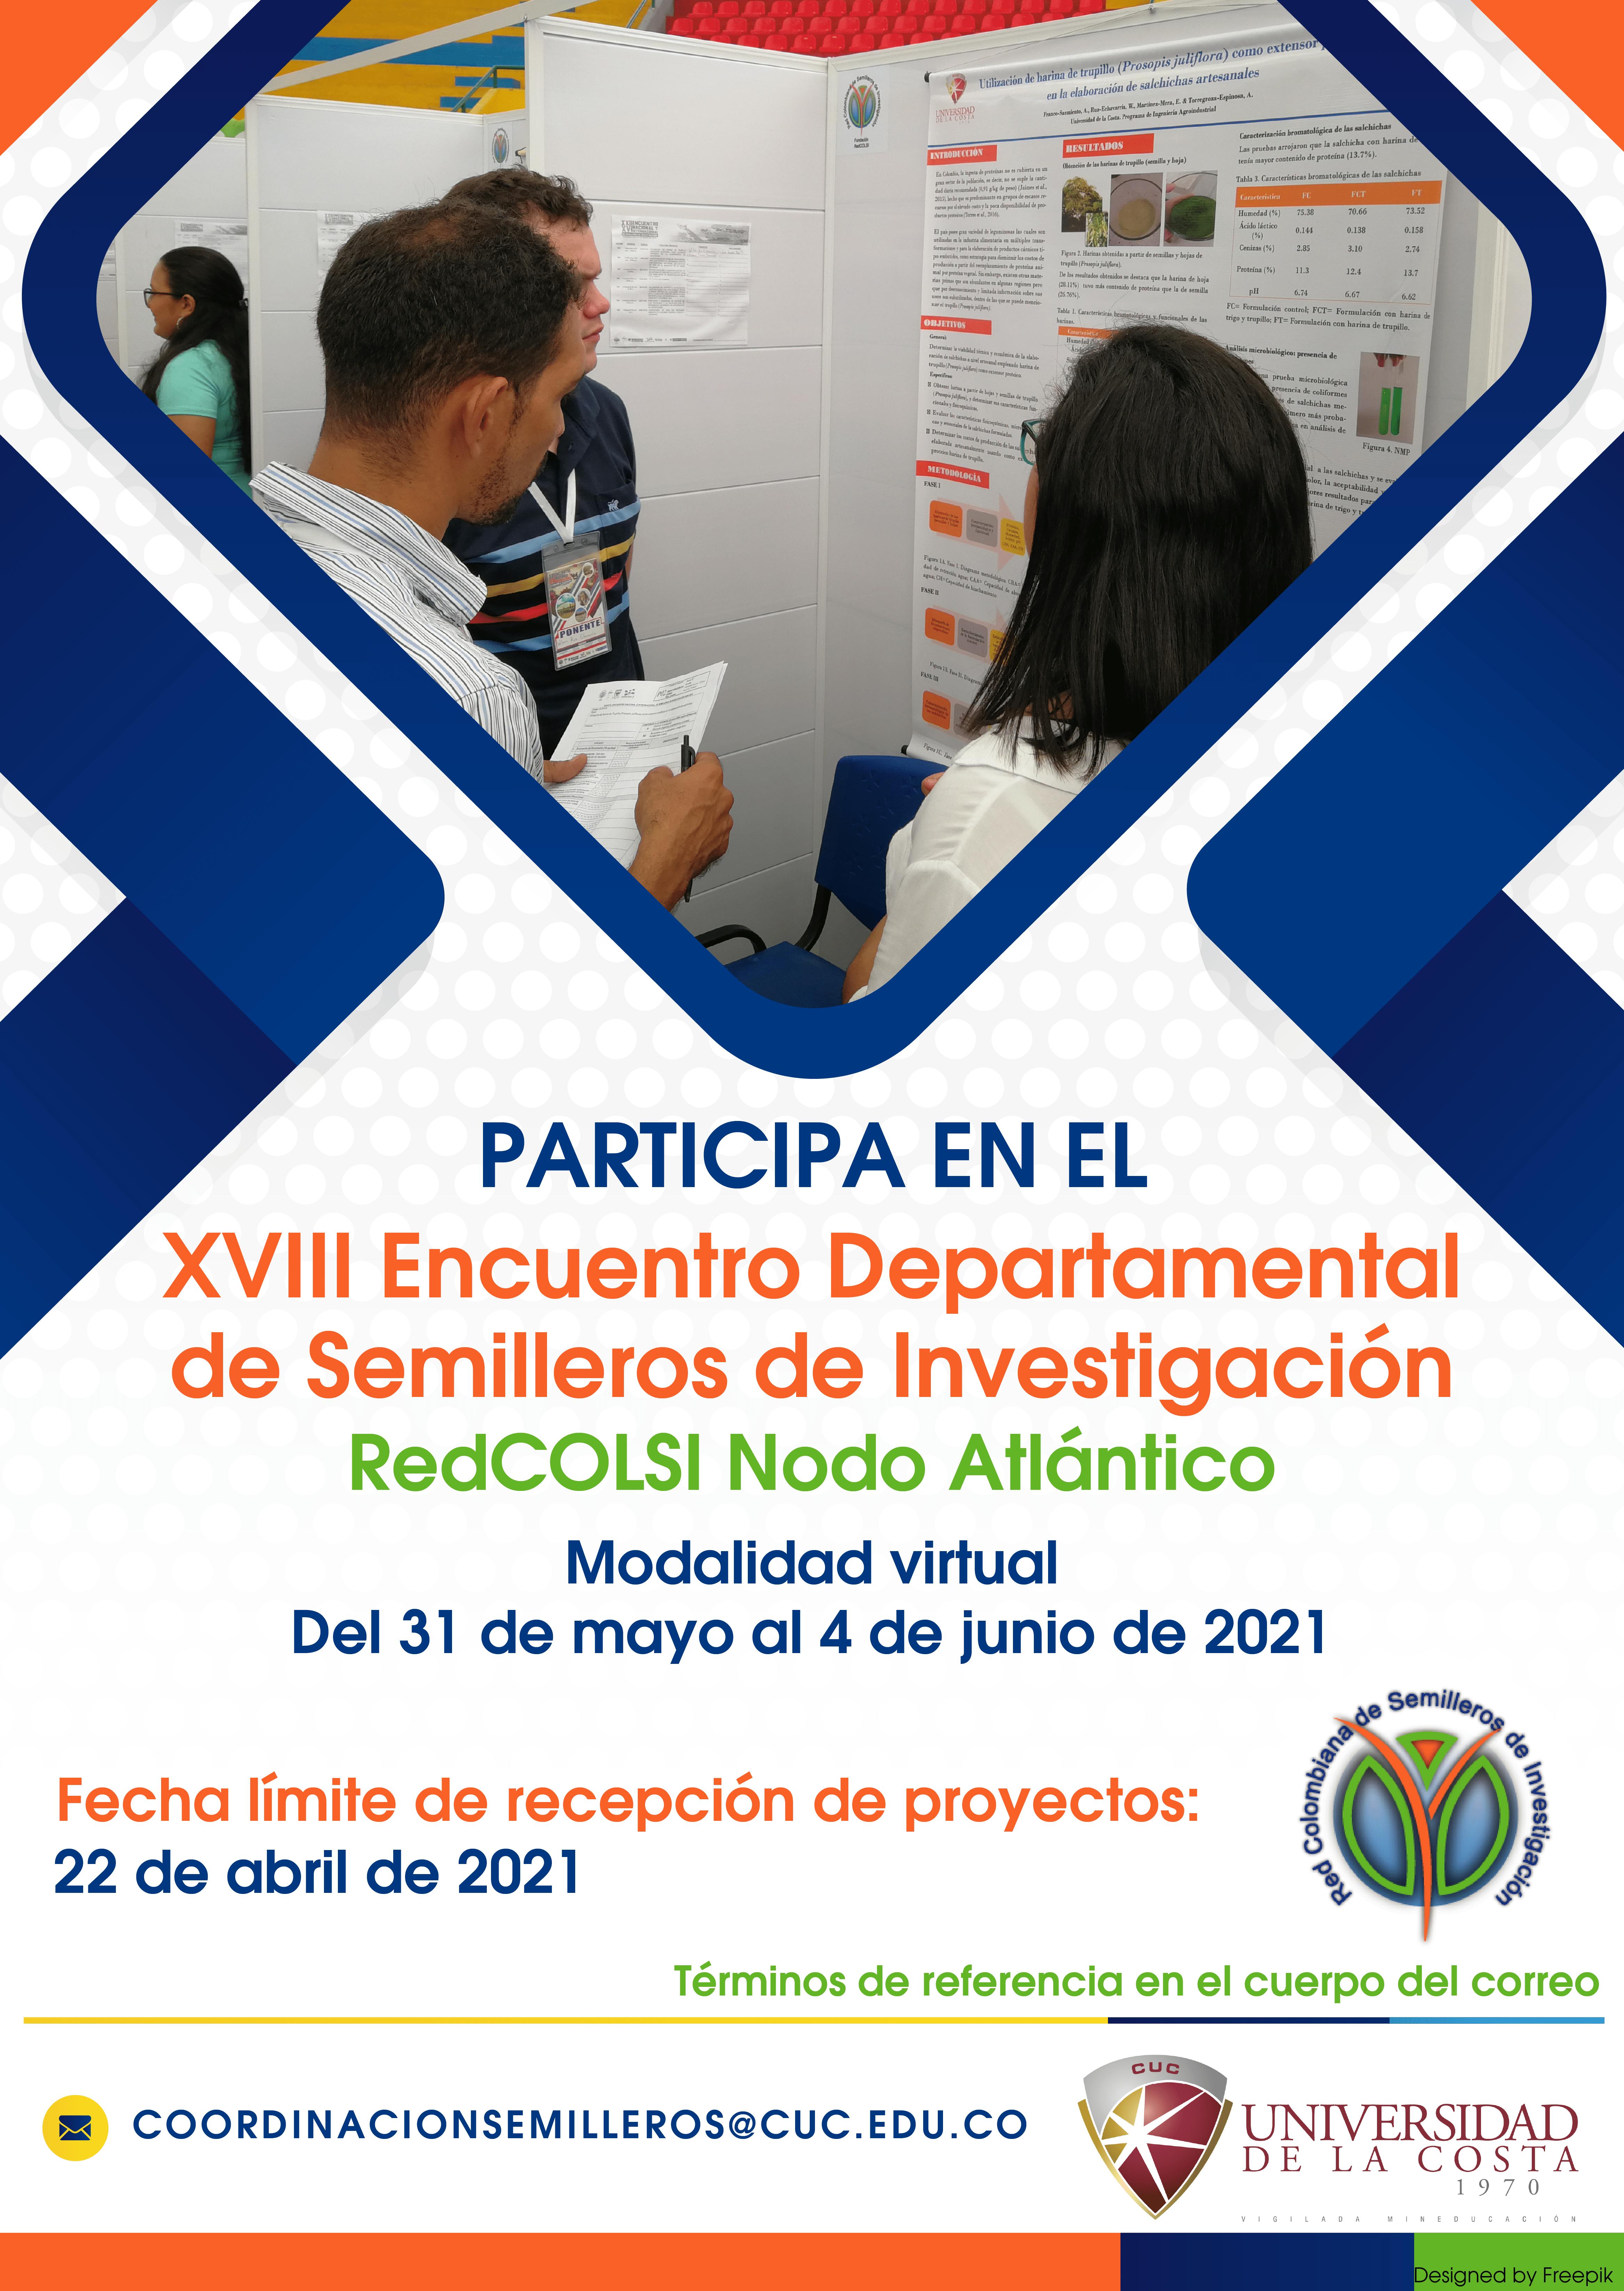 XVIII Encuentro Departamental de Semilleros de Investigación – RedCOLSI Nodo Atlántico